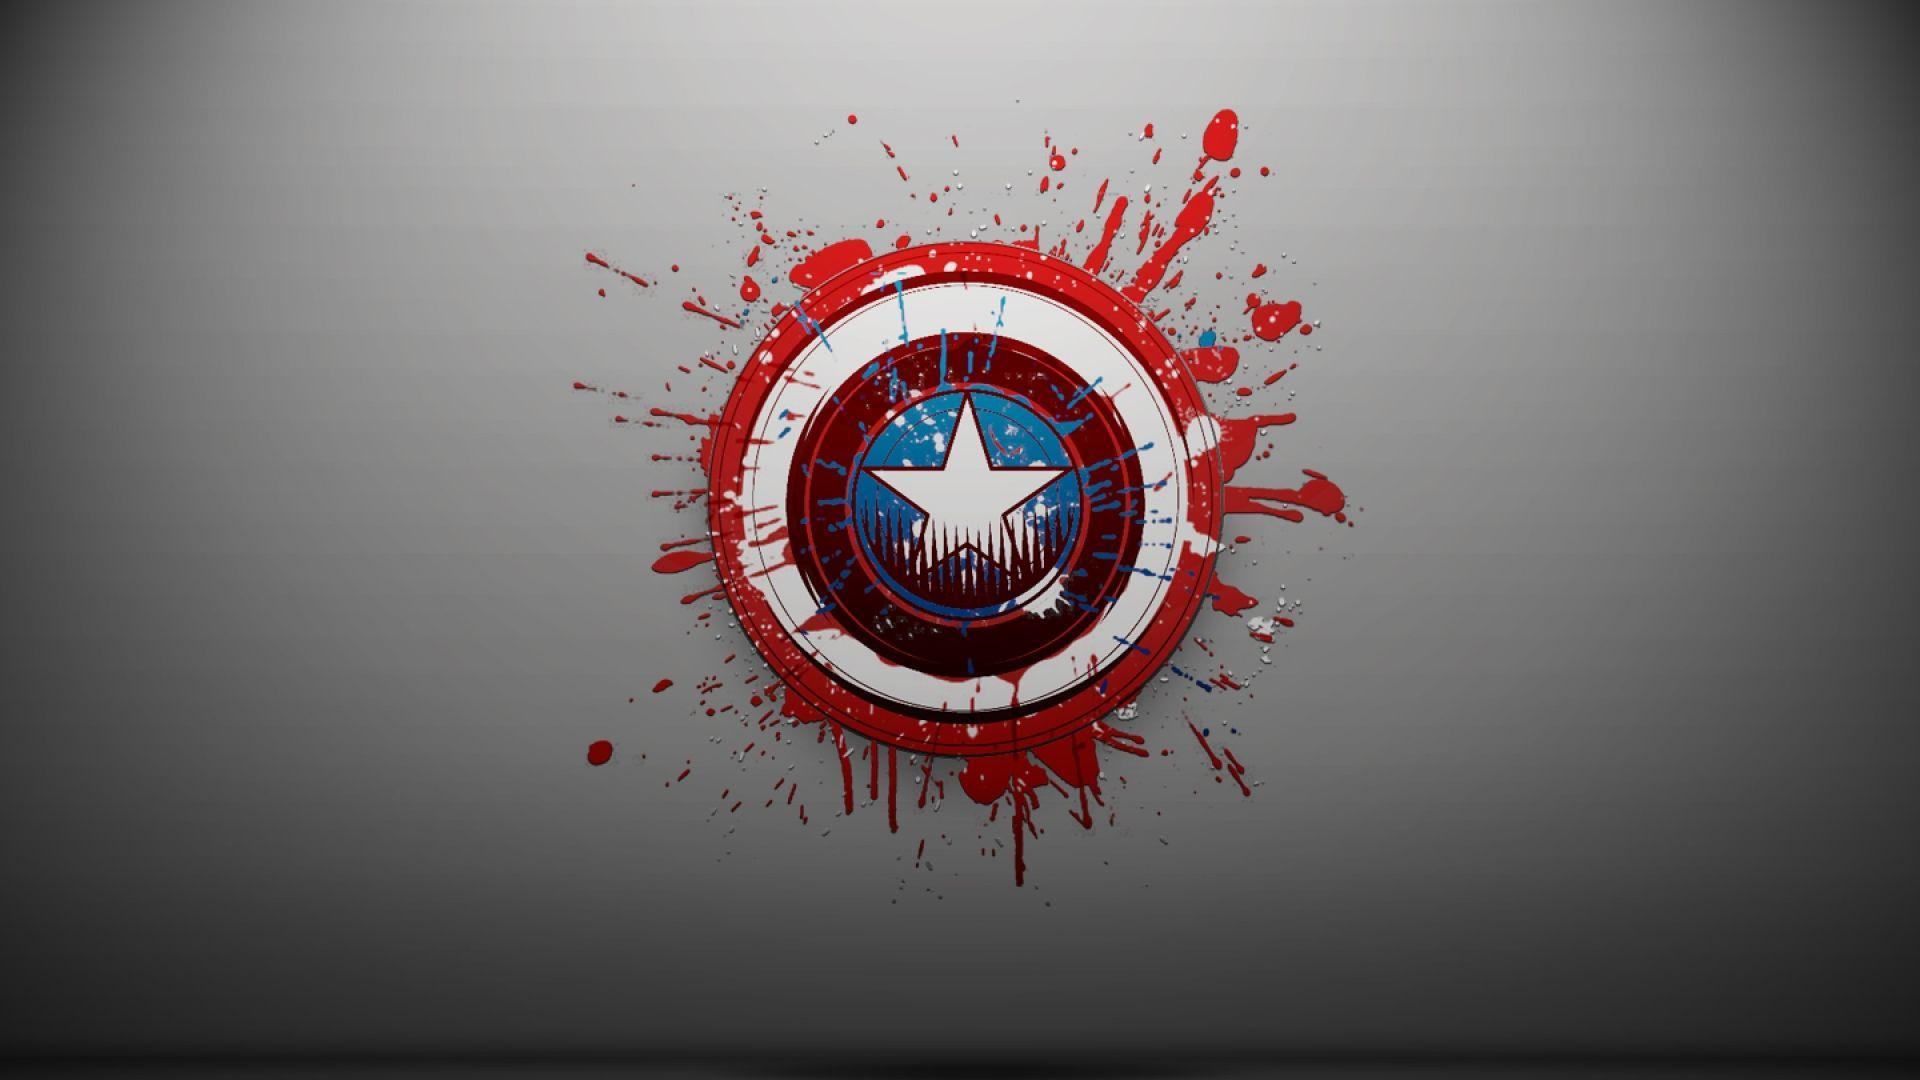 Captain America Shield Wallpaper HD - WallpaperSafari